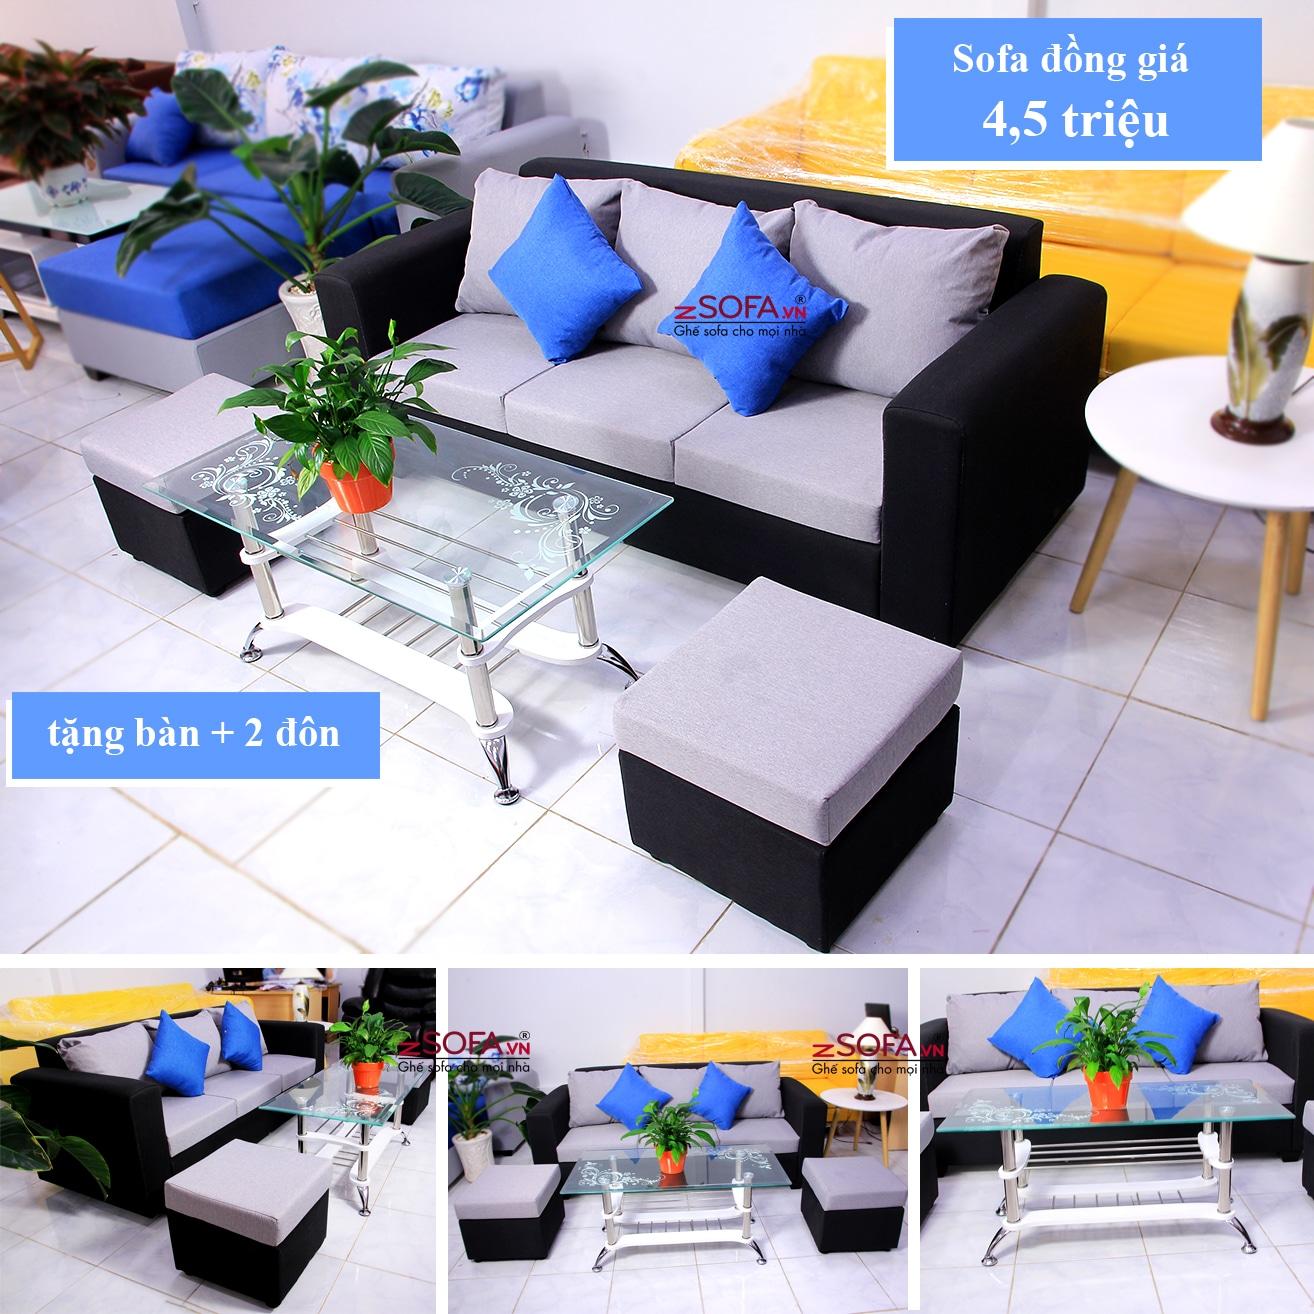 Sofa đồng giá 4,5 triệu DG4501